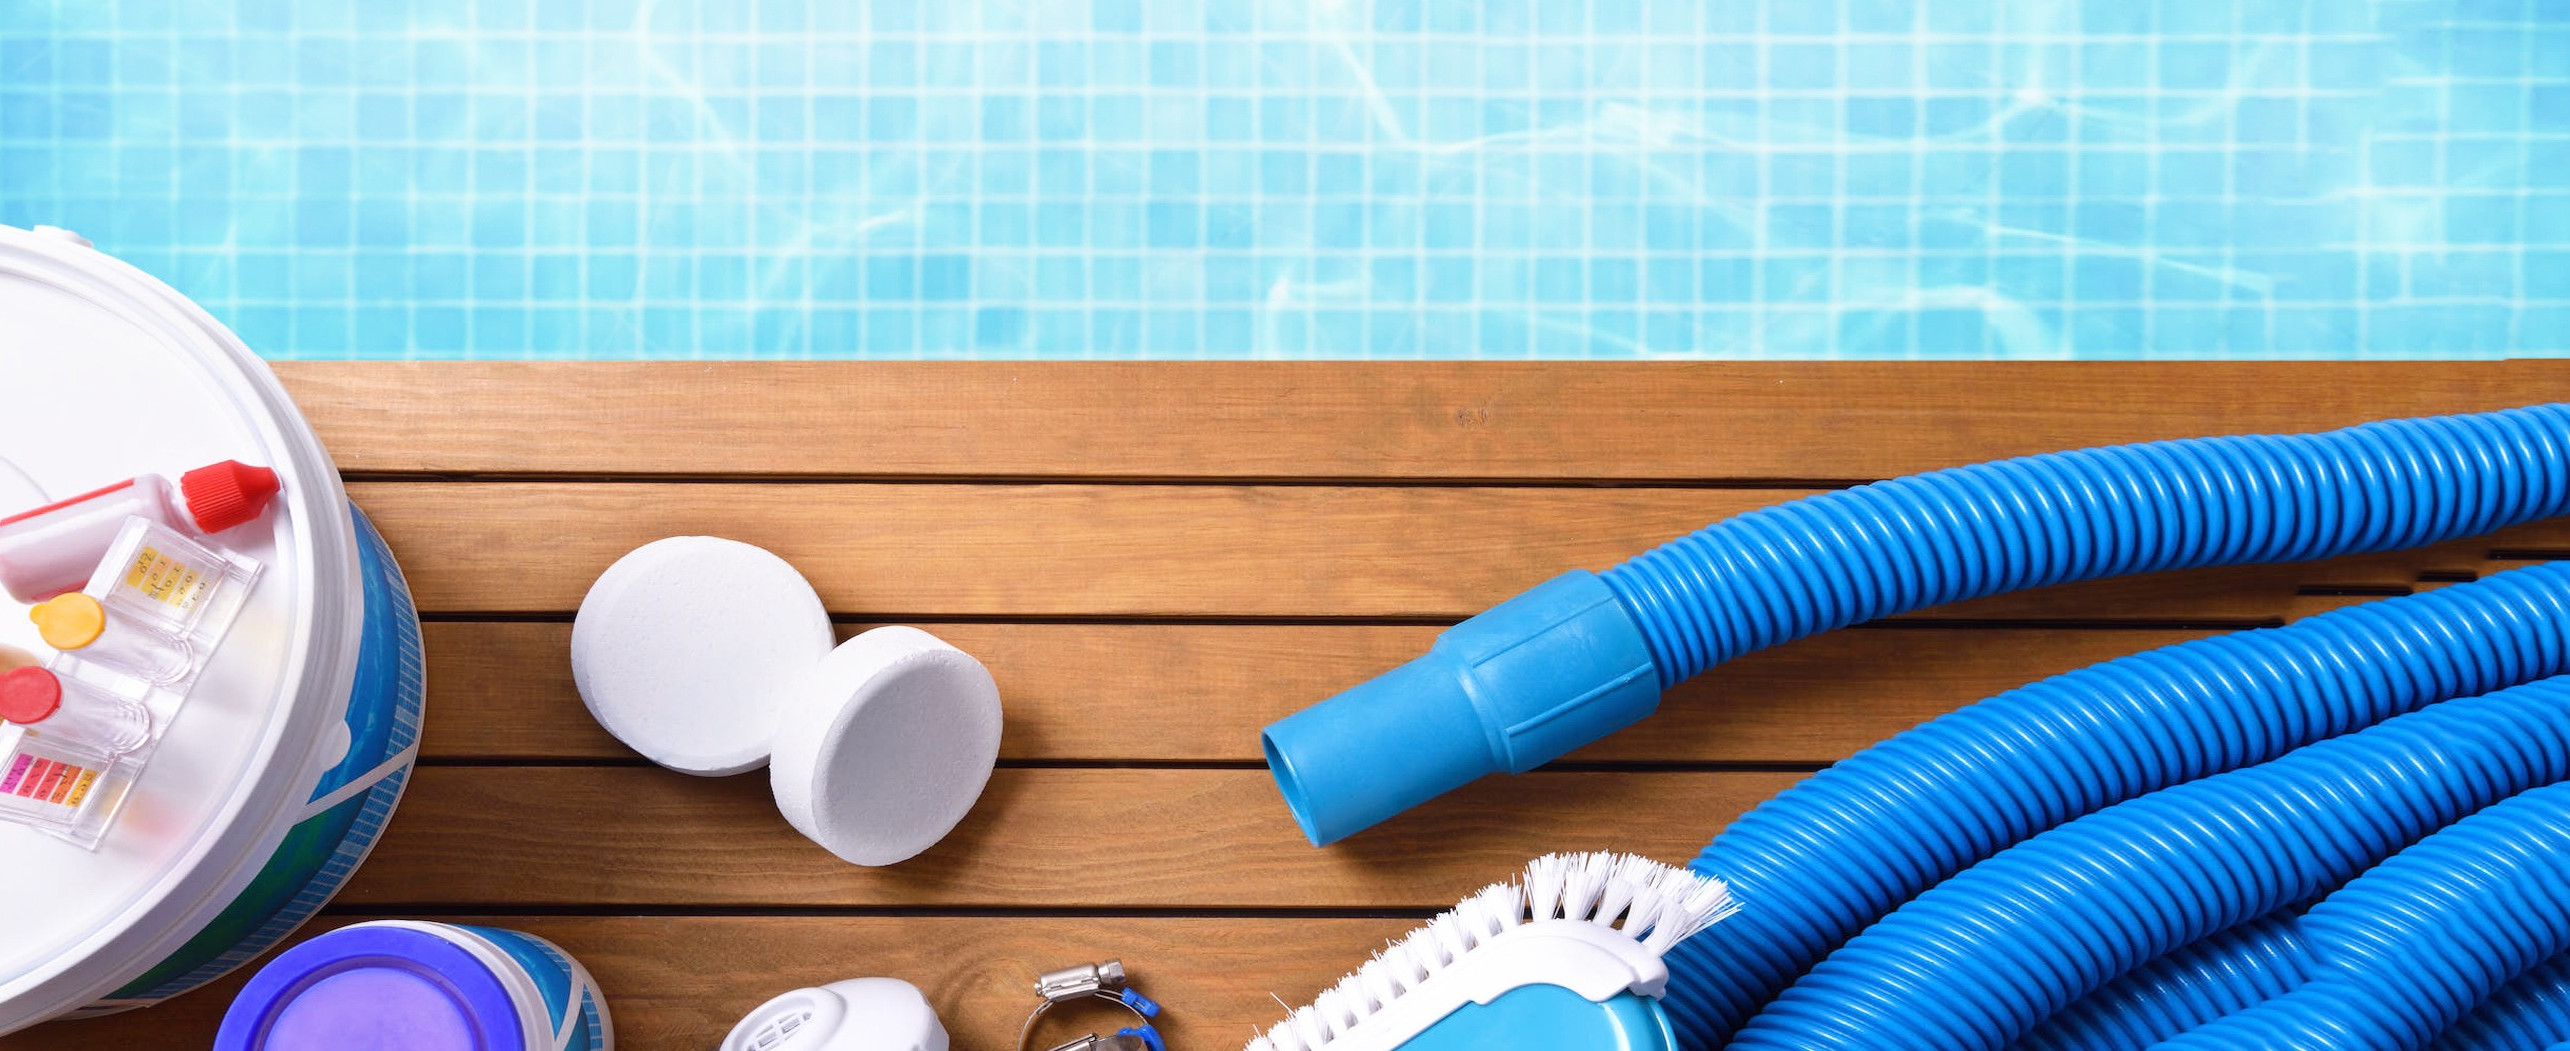 Химия и аксессуары для обслуживания бассейнов